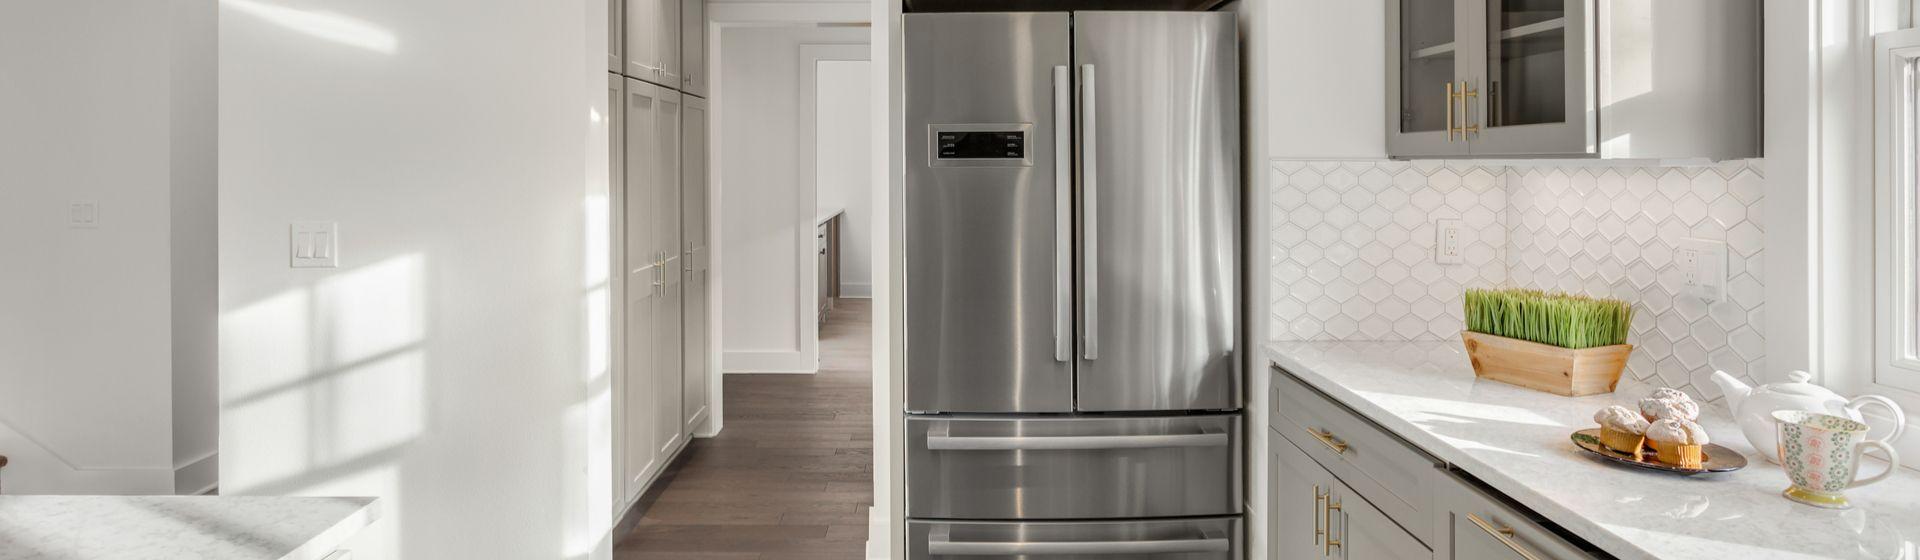 Melhor geladeira frost free 2021: confira a seleção